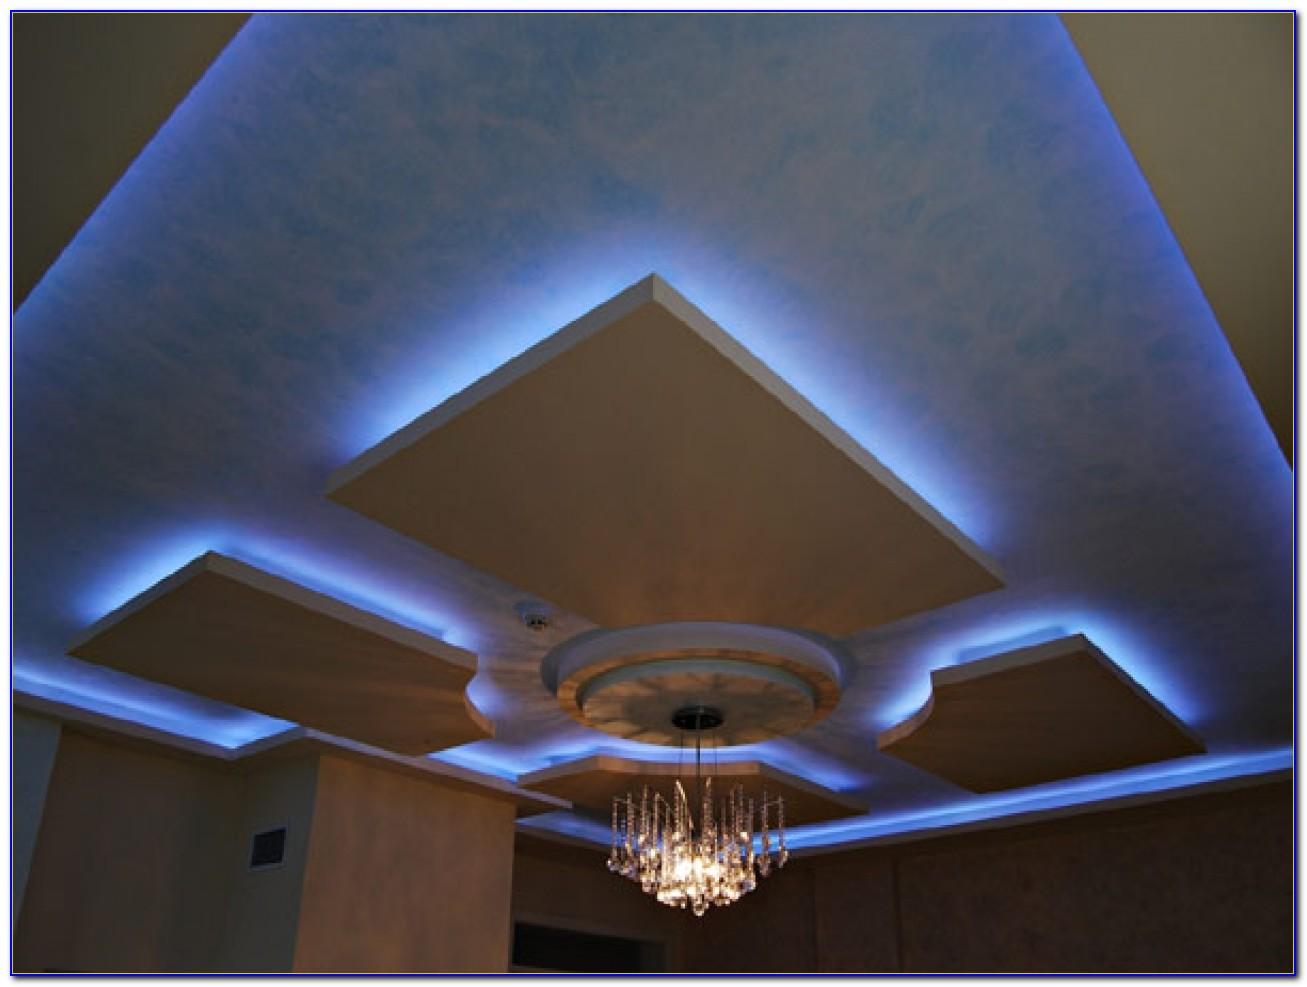 Led Lighting For High Ceilings